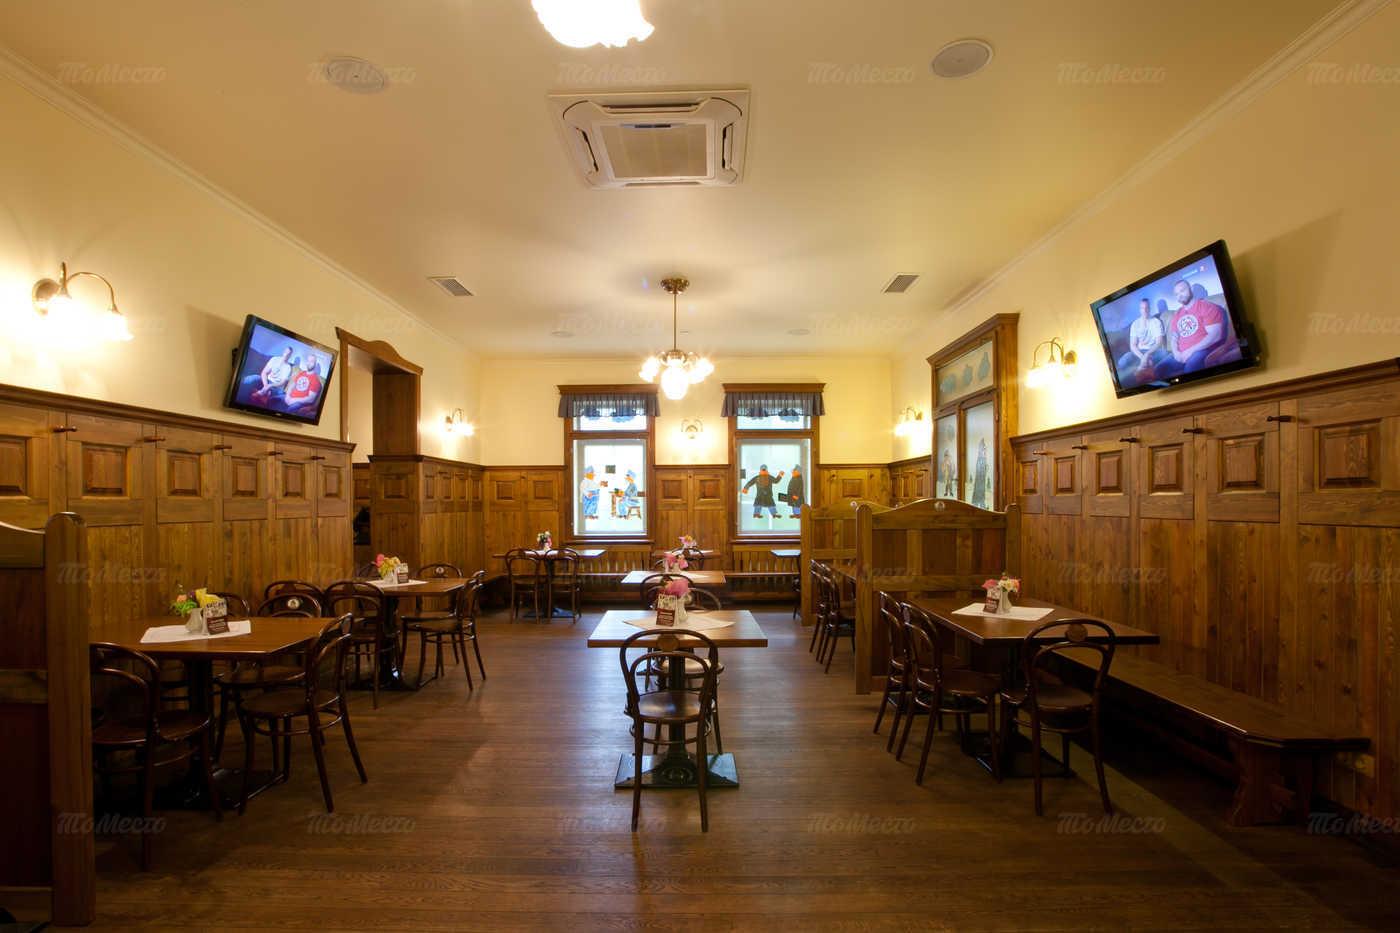 Пивной ресторан Швейк (Svejk) на улице Фрунзе